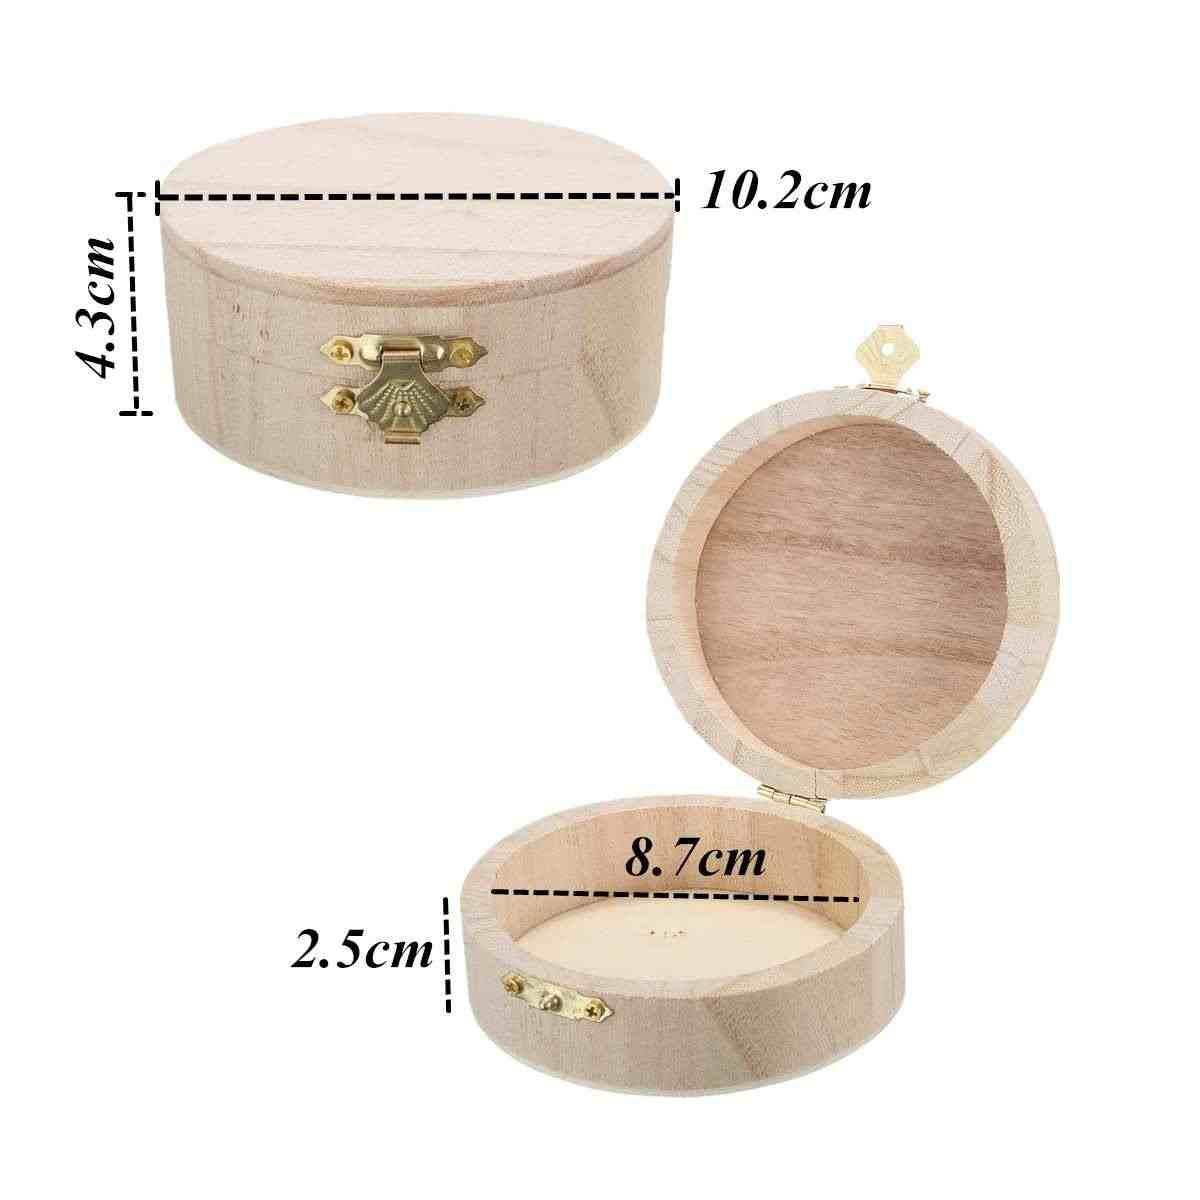 Круглые декоративные хранения Коробки деревянные шкатулки часы кольцо Цепочки и ожерелья браслет оборудования Организатор Дело свадебный подарок